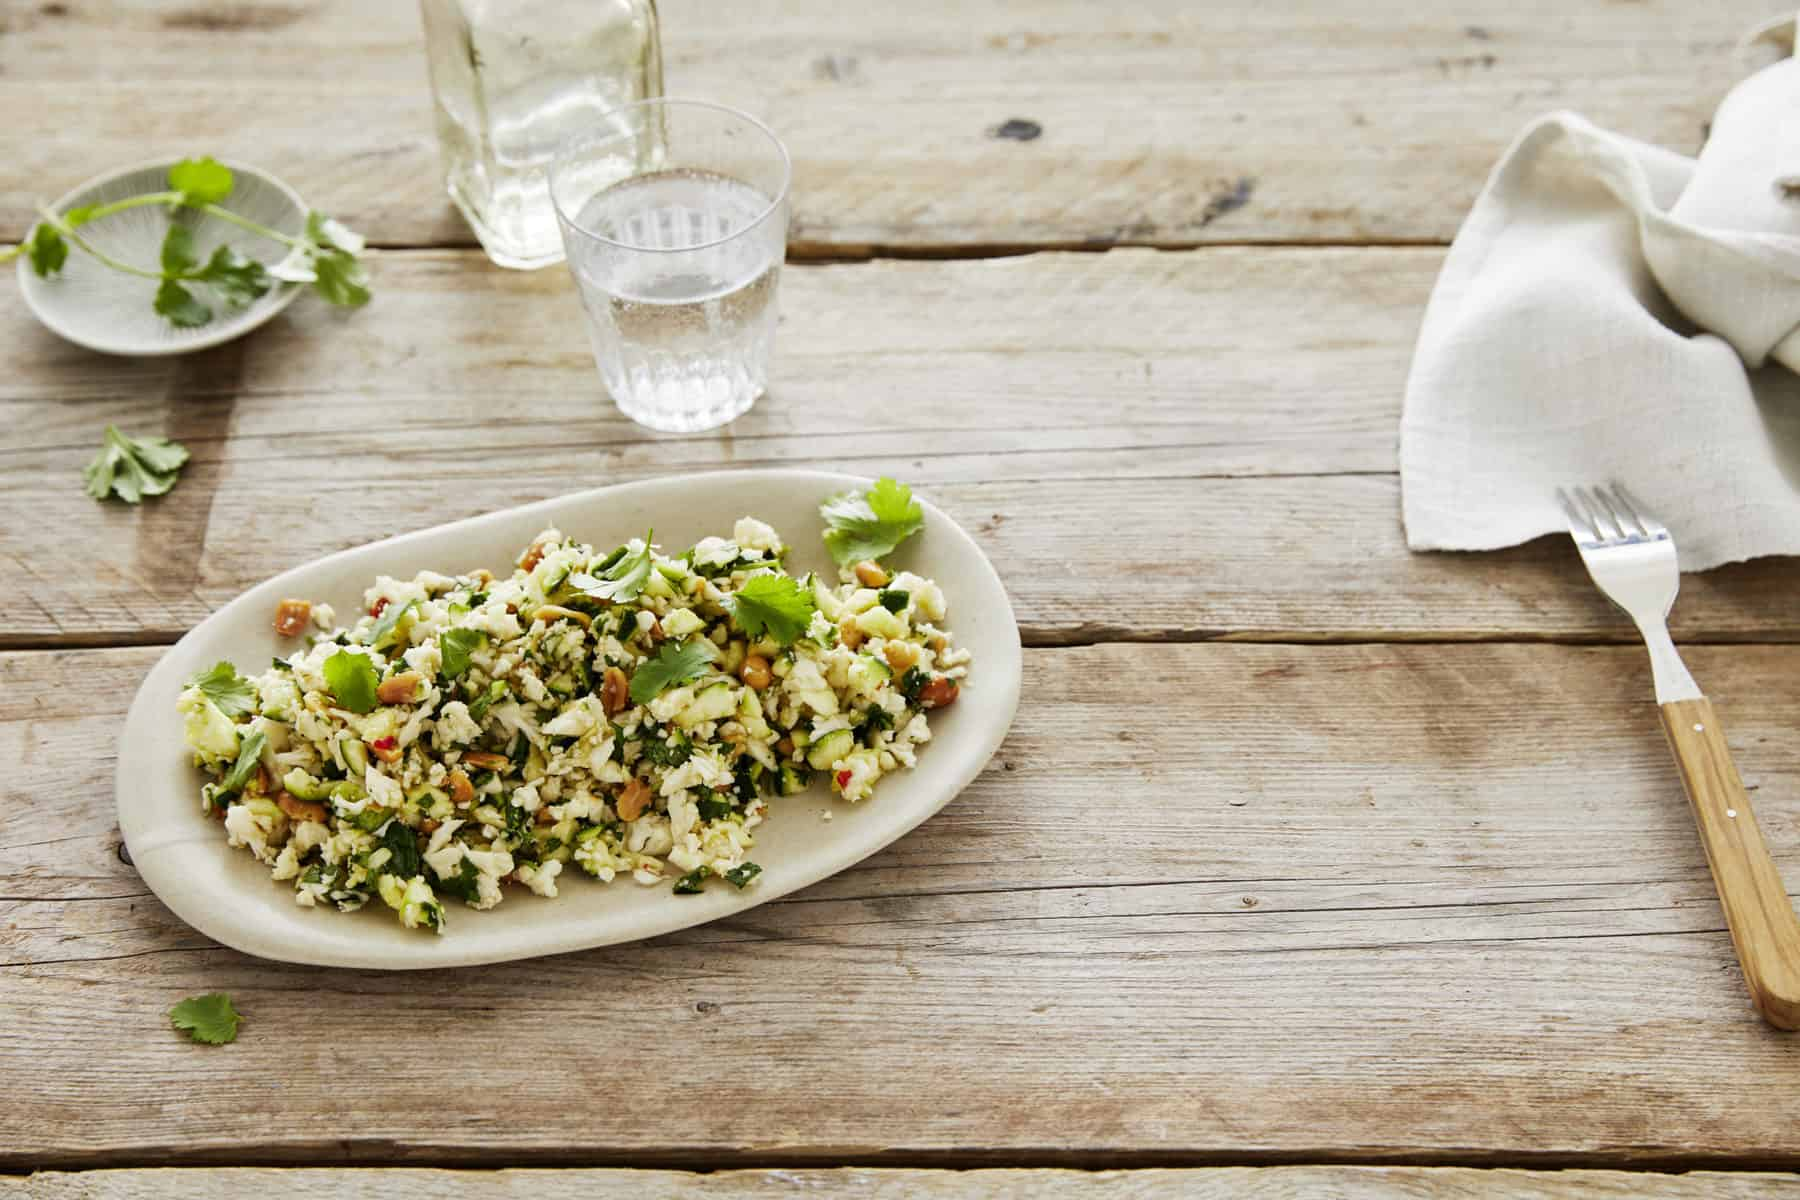 Blumenkohl-Zucchini-Salat aus dem Thermomix® – Foto: Jorma Gottwald